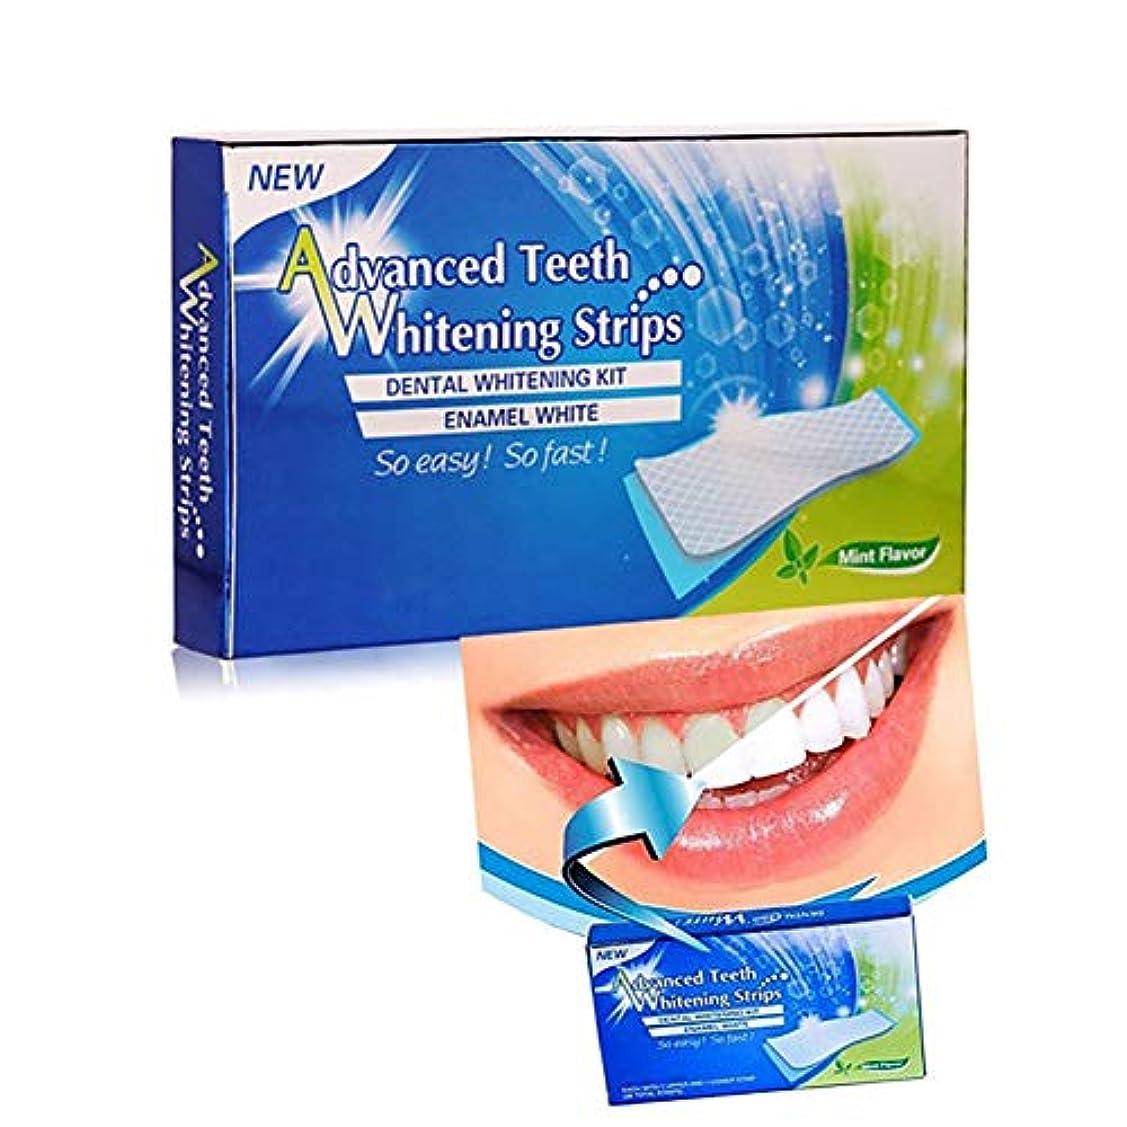 吸収剤代わって勇敢な口腔洗浄器3Dホワイトニング歯磨き粉セット、28回